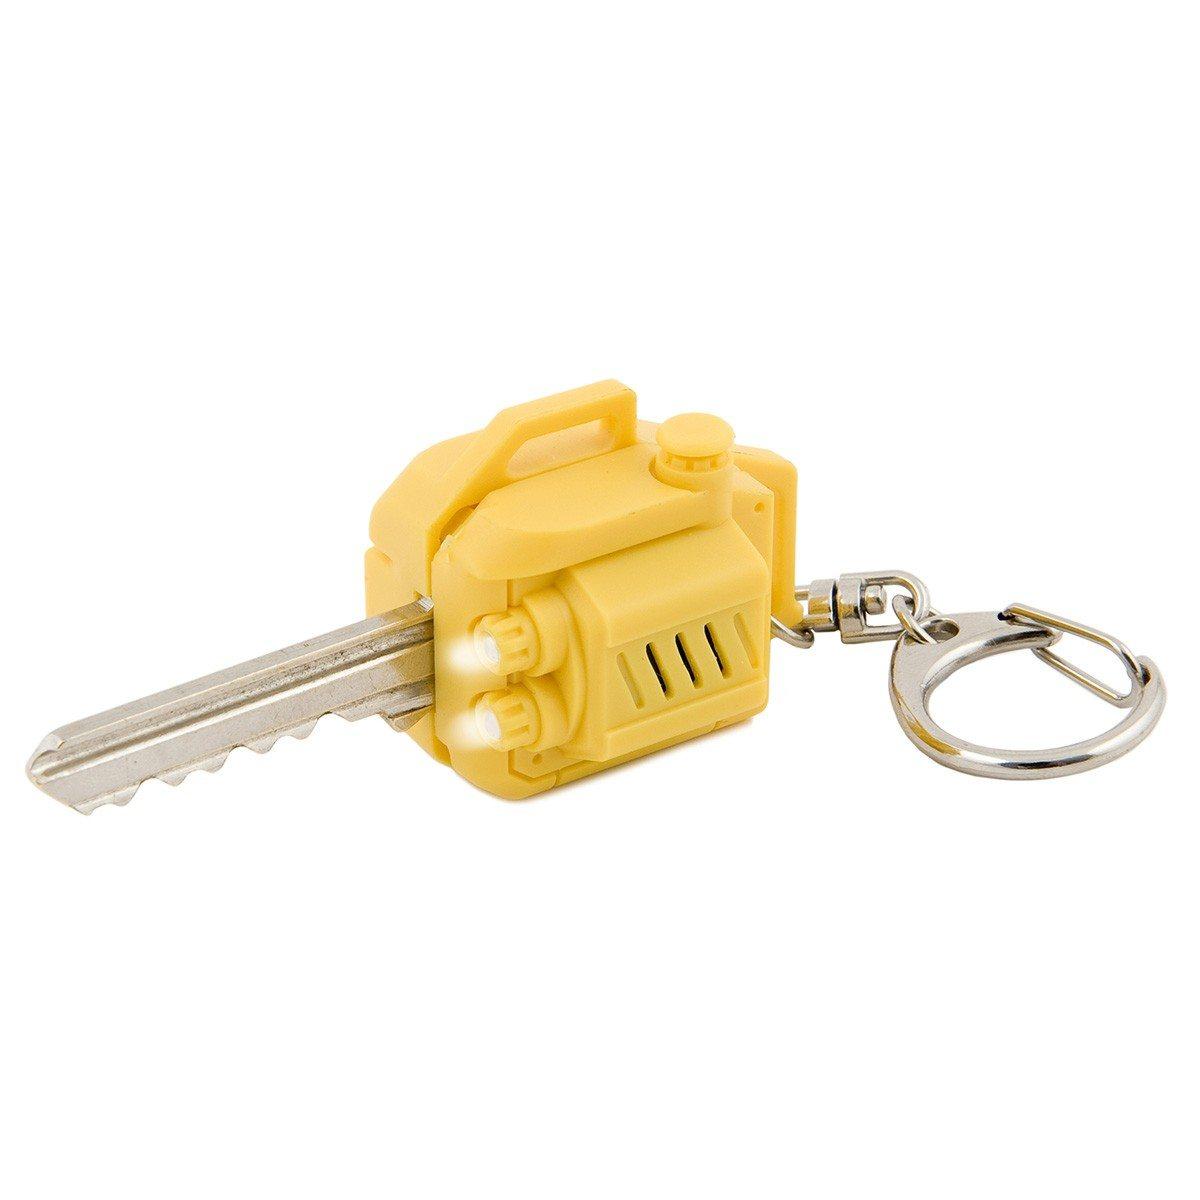 Nøgleovertræk i motorsavsdesign med lys